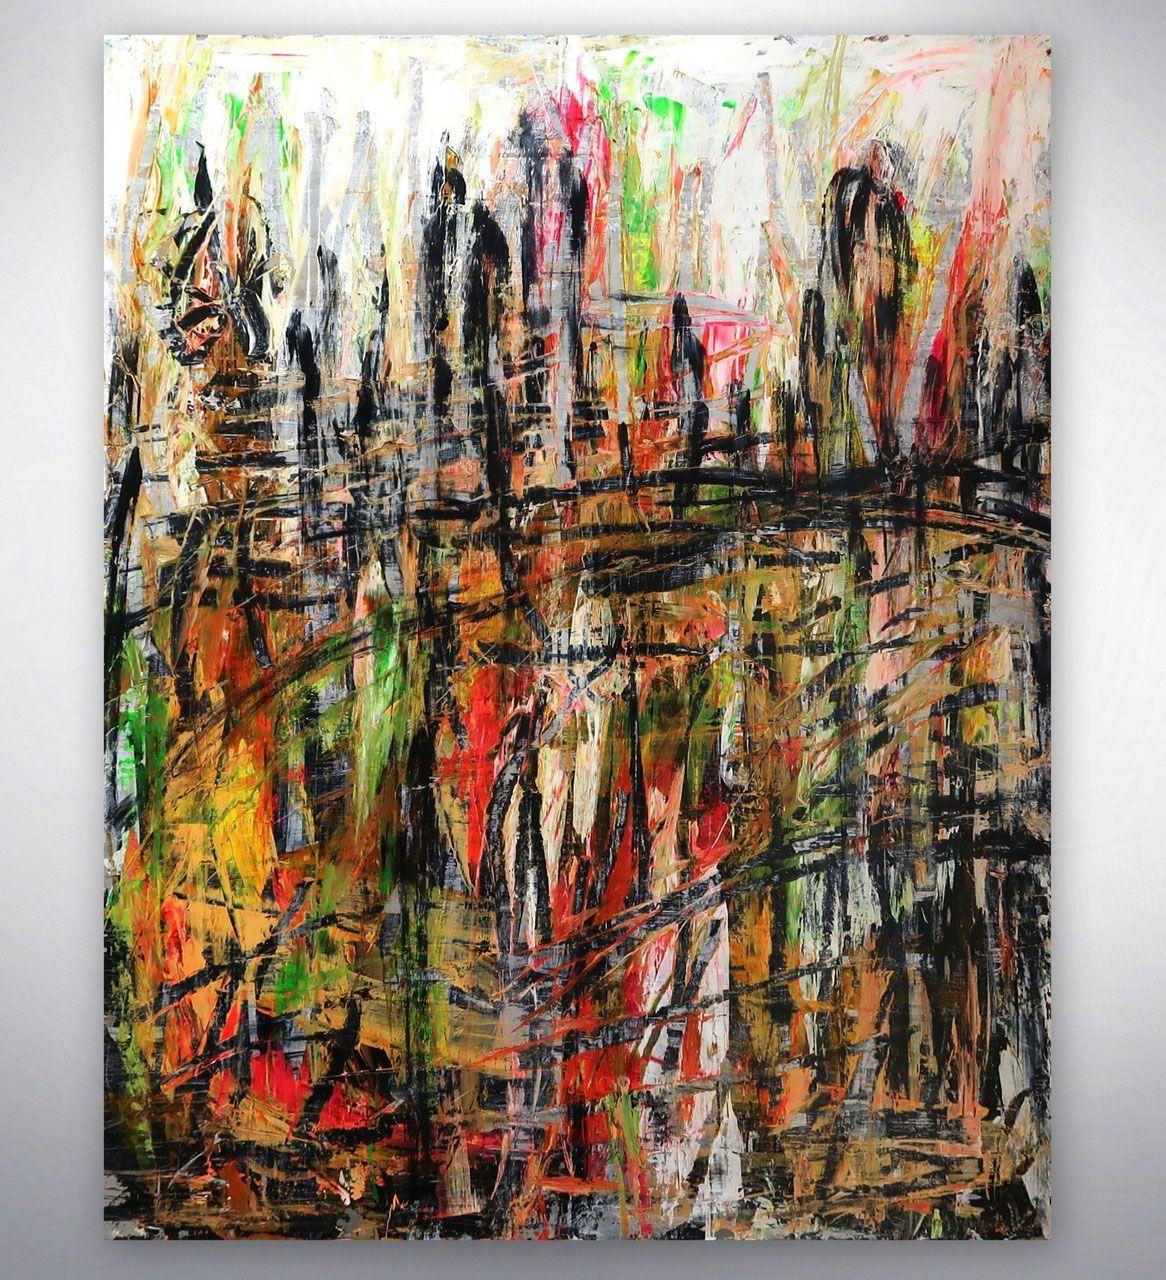 Abstrakte Malerei Bunt Abstrakt Originalbilder Leinwandbilder